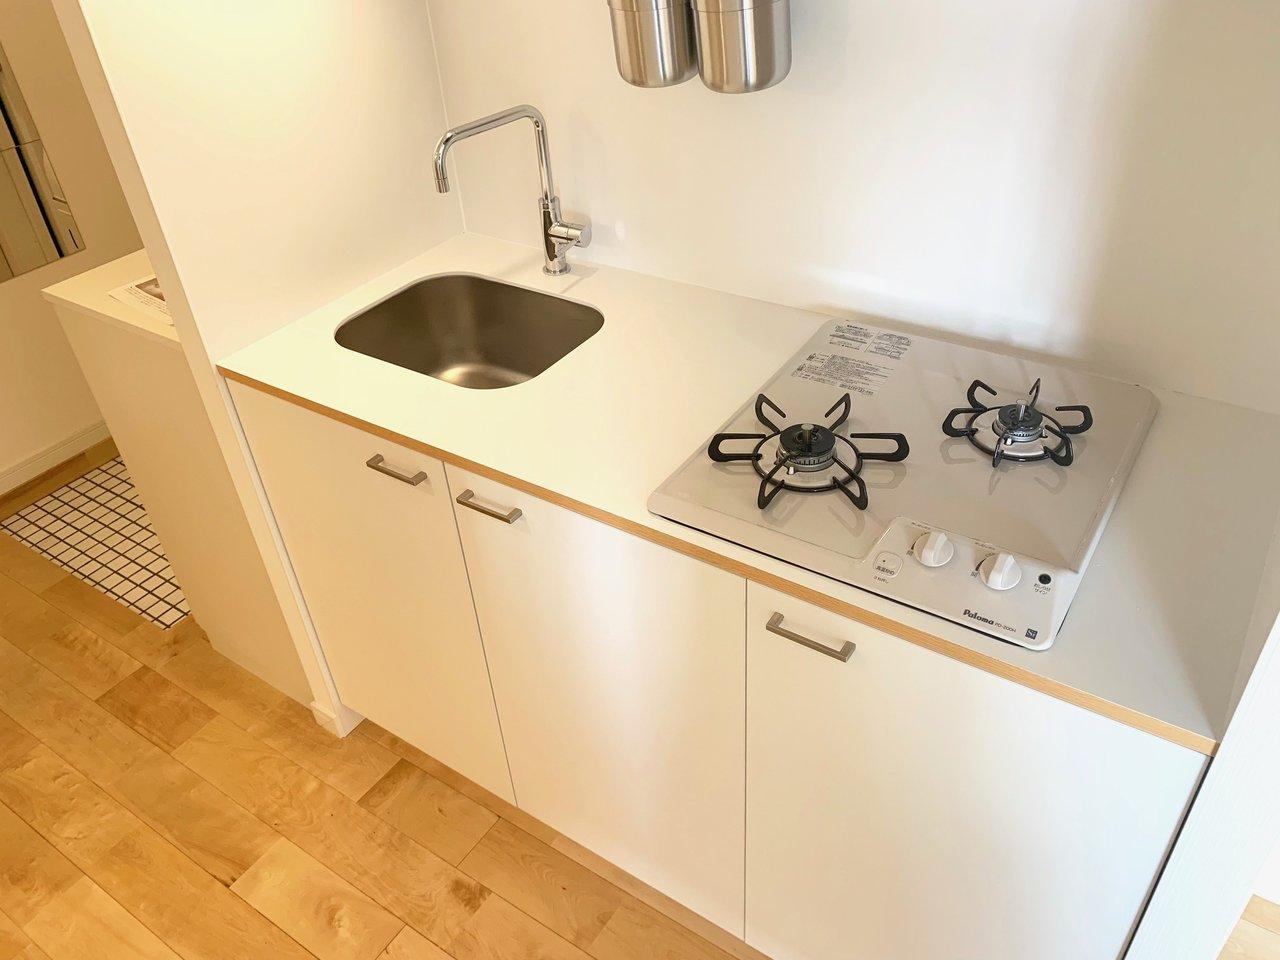 キッチンはコンパクトタイプですが、それでも2口ガスコンロ、作業スペース、収納スペースと十分な設備。